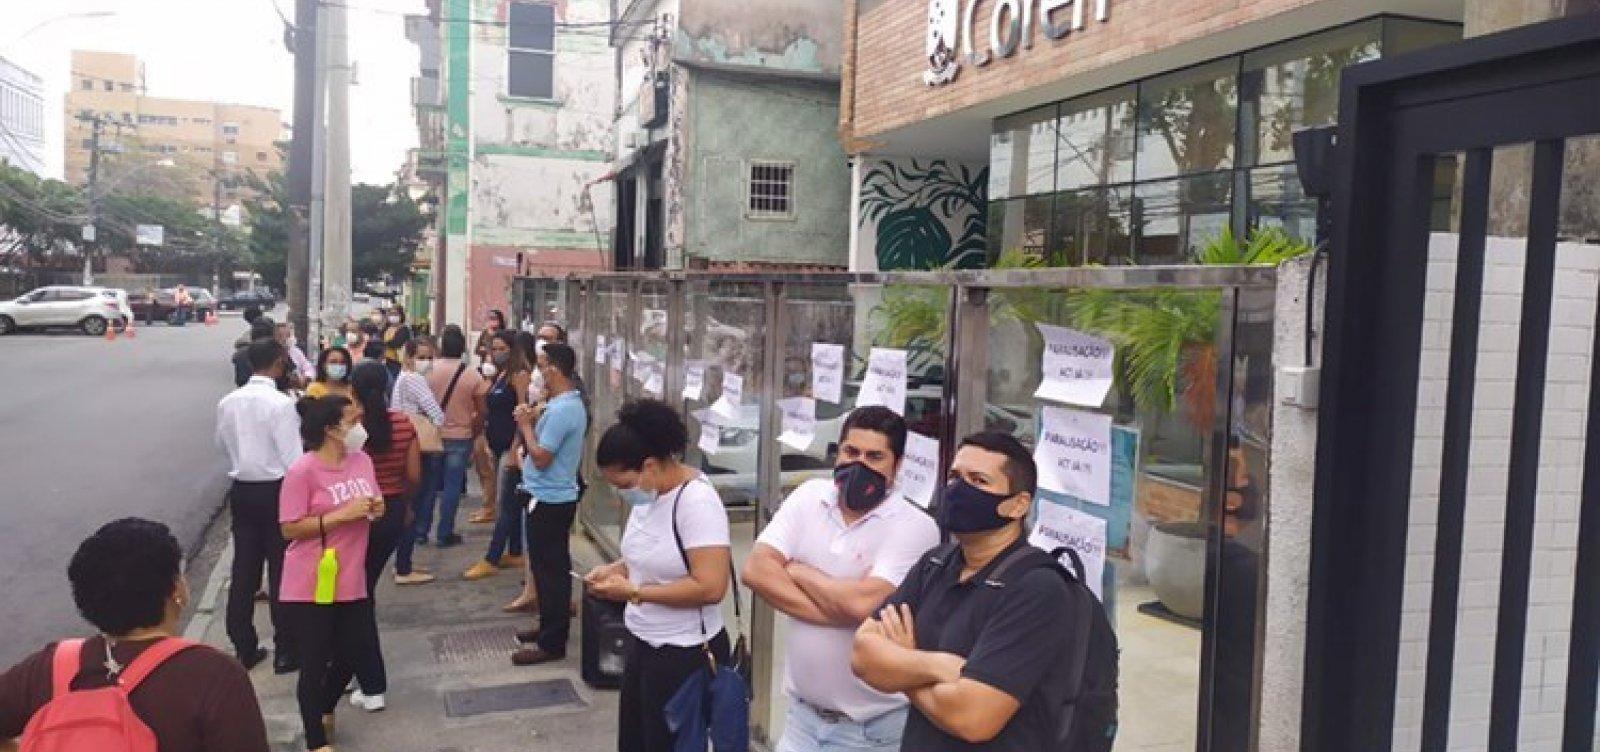 Conselho de Enfermagem diz desconhecer casos de assédio após manifestação de servidores